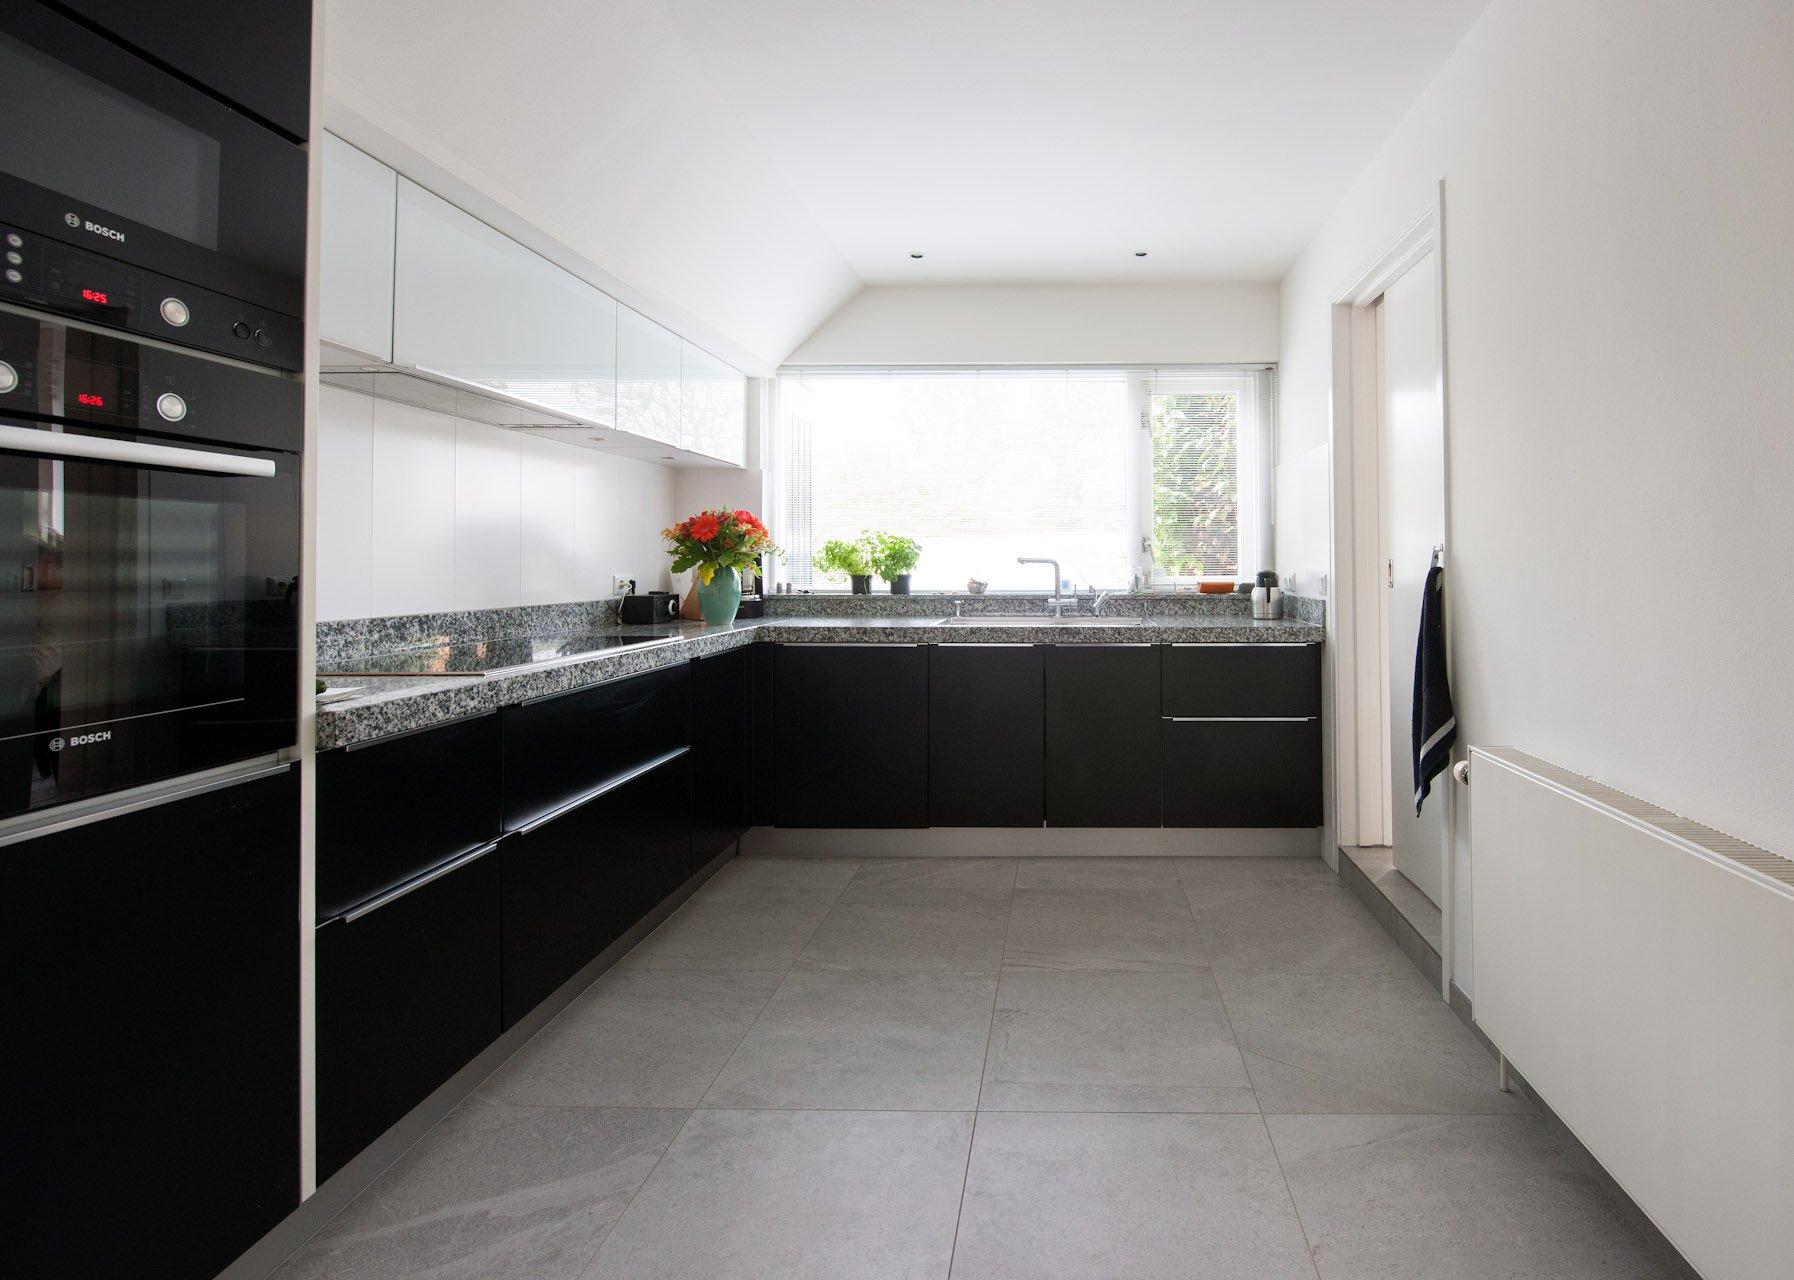 Tegelvloer keuken inspiratie - Keramische inrichting badkamer ...